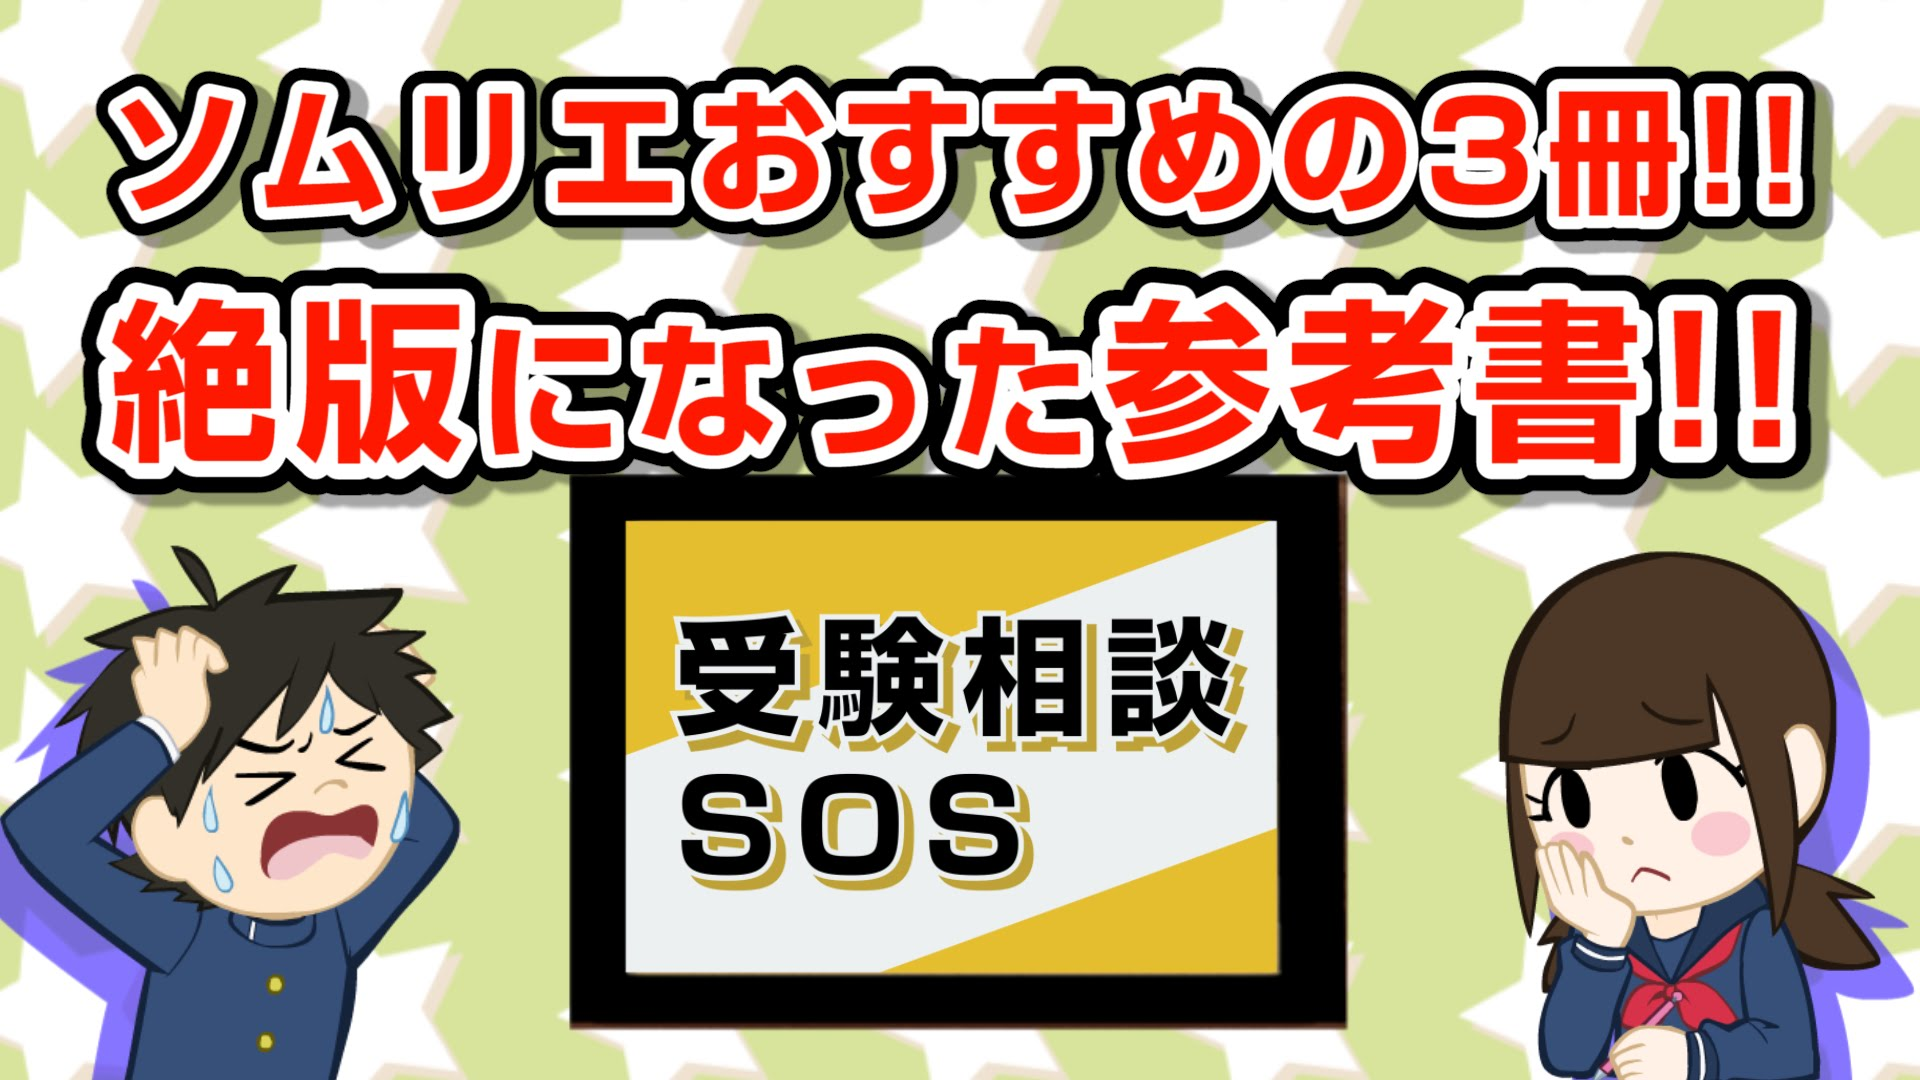 【vol.653】ソムリエが選んだ3冊!! 絶版になったけど使ってほしい参考書!!|受験相談SOS